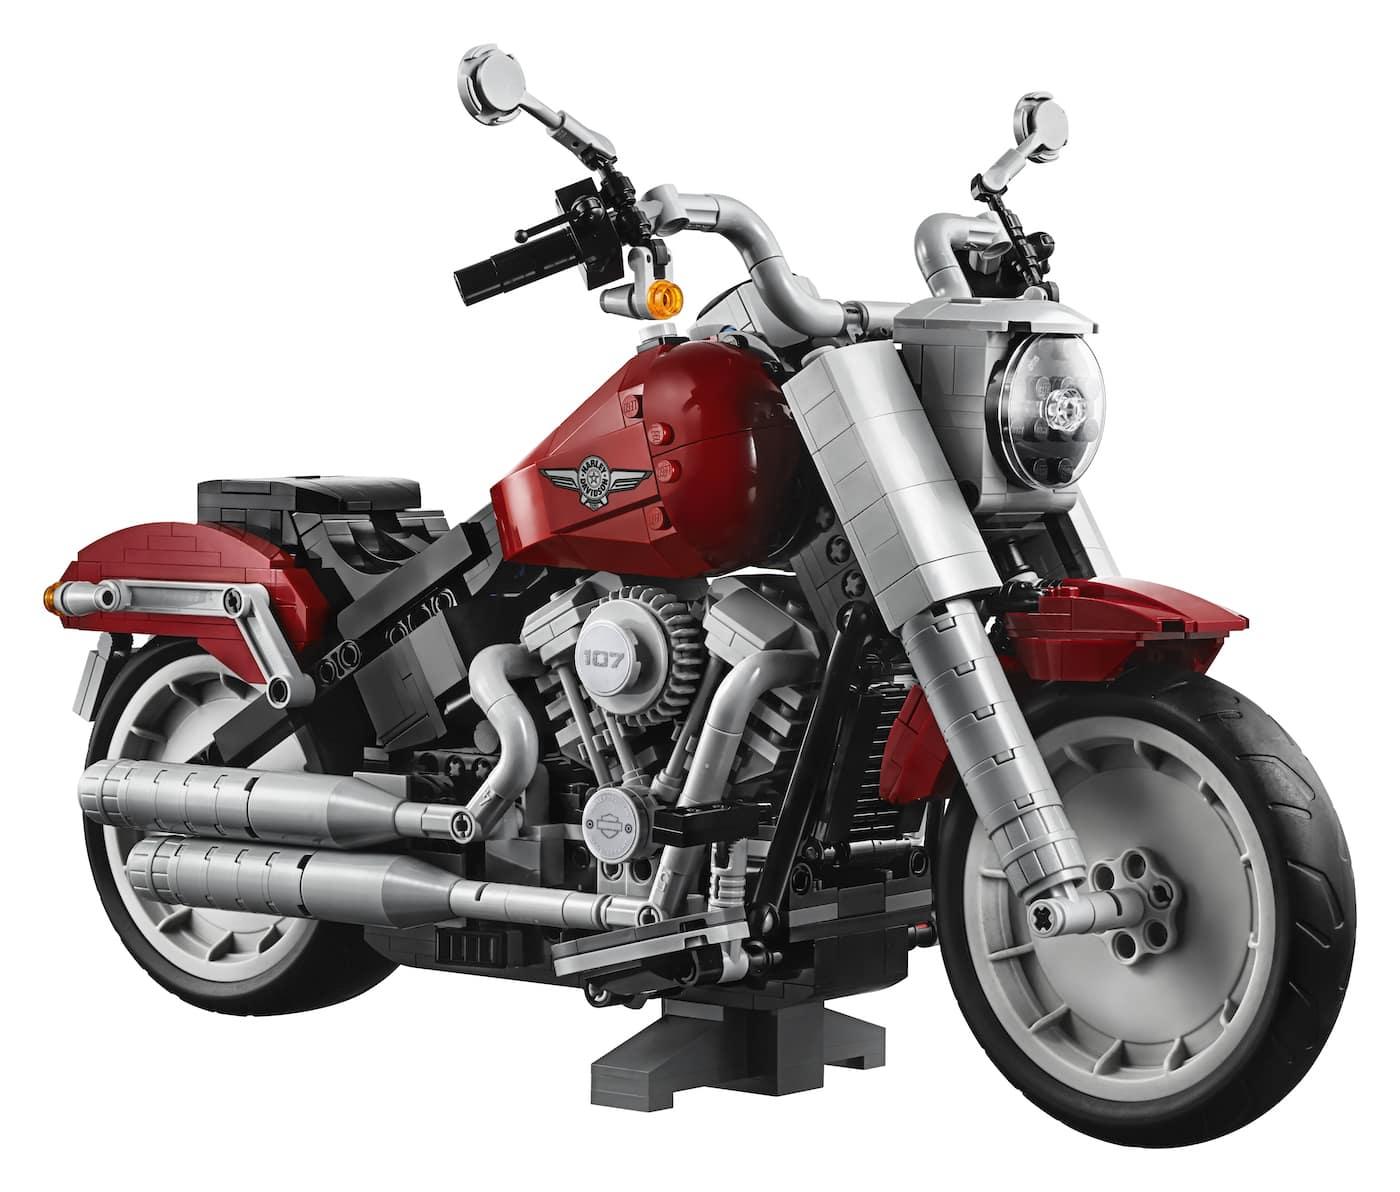 LEGO präsentiert ein neues Harley Davidson Replica Modell zum nachbauen 2